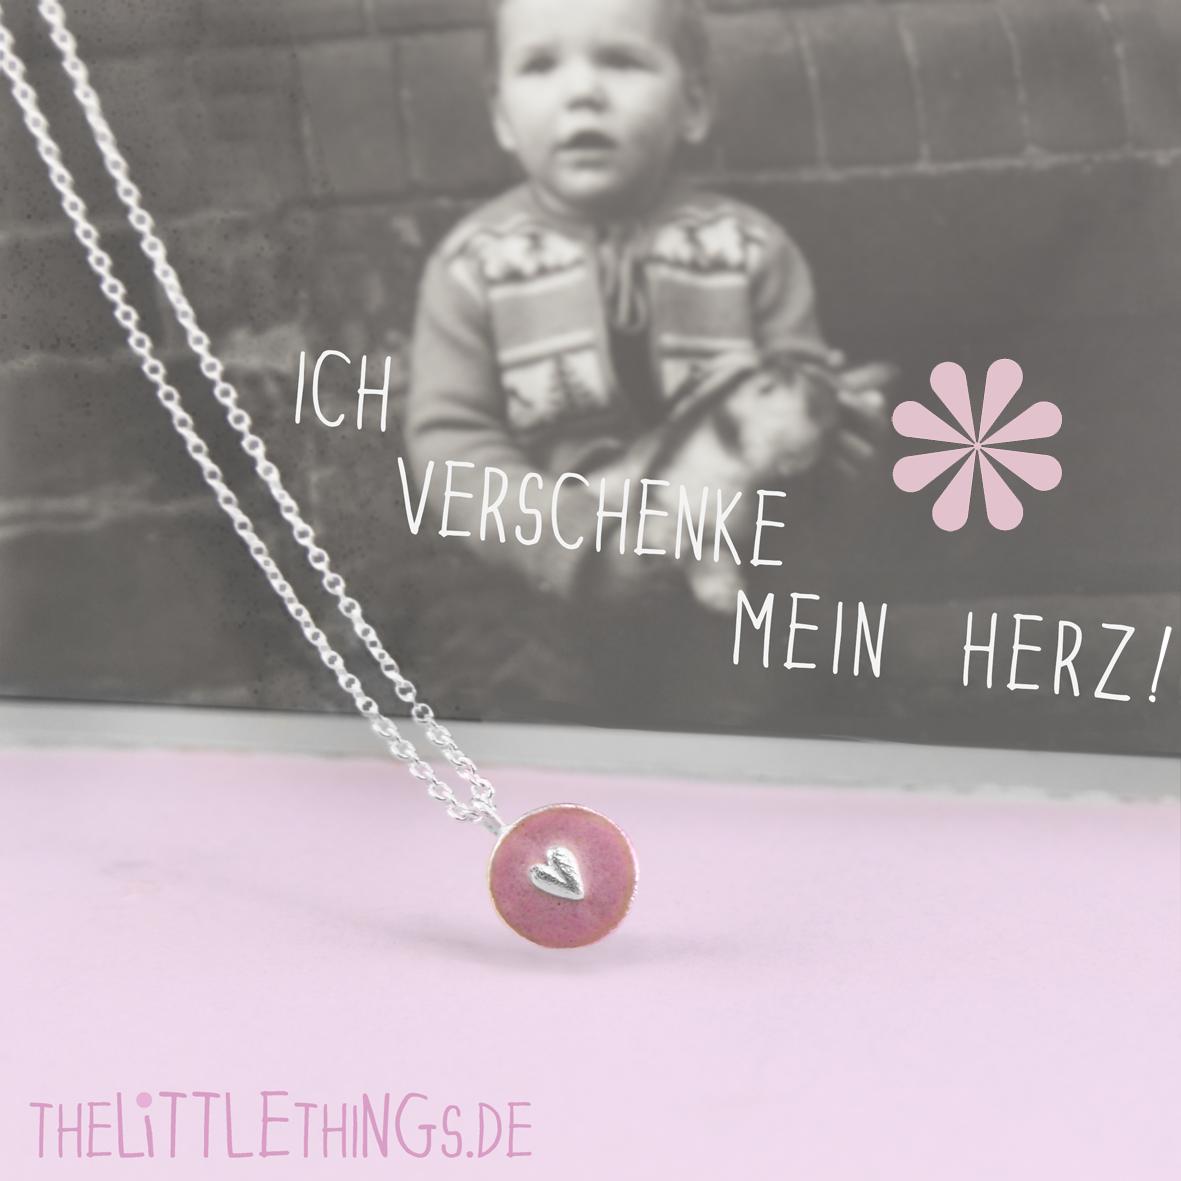 Schmuck  ♥  Verschenke Dein Herz. www.thelittlethings.de